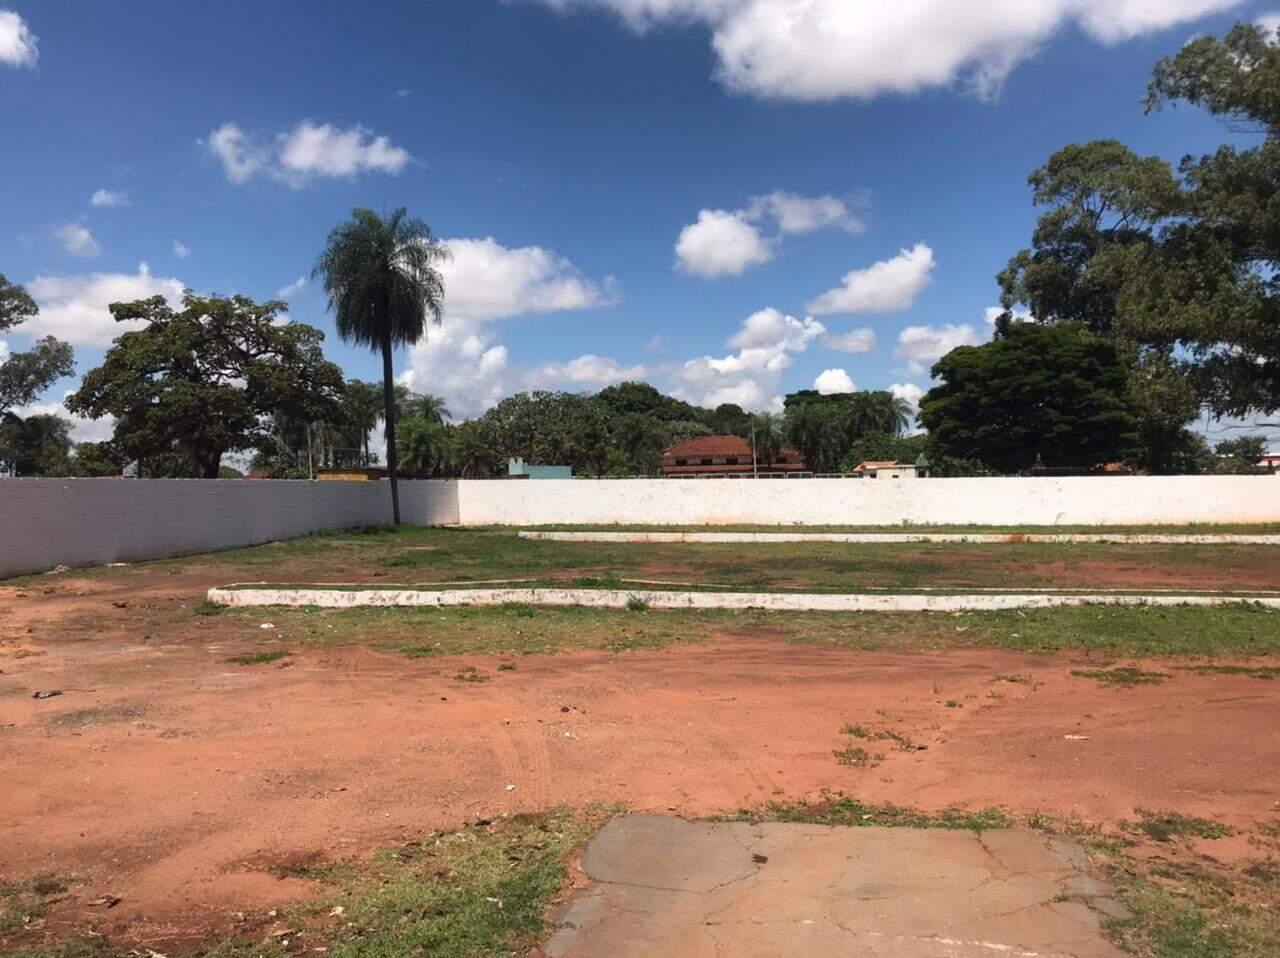 Área de antigo estacionamento que dará lugar a sepultamentos no cemitério do Cruzeiro (Foto: Bruna Marques)